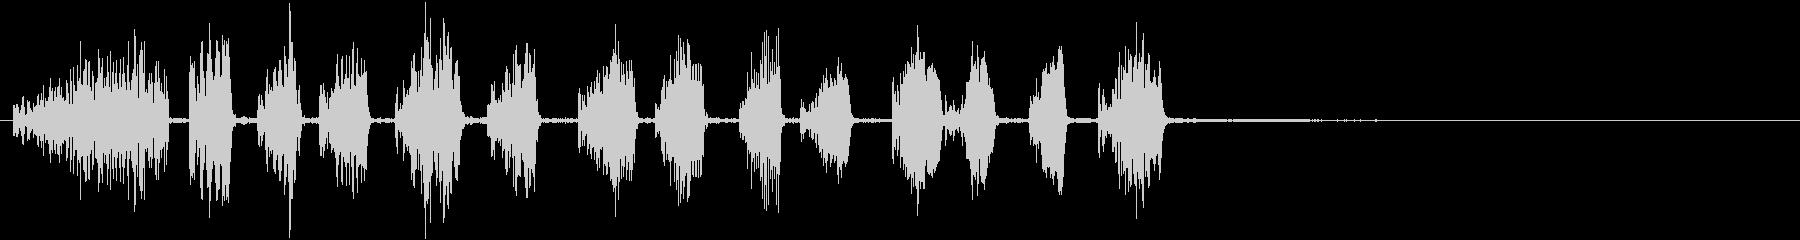 アコーデオン:シリーバウンスアップ...の未再生の波形